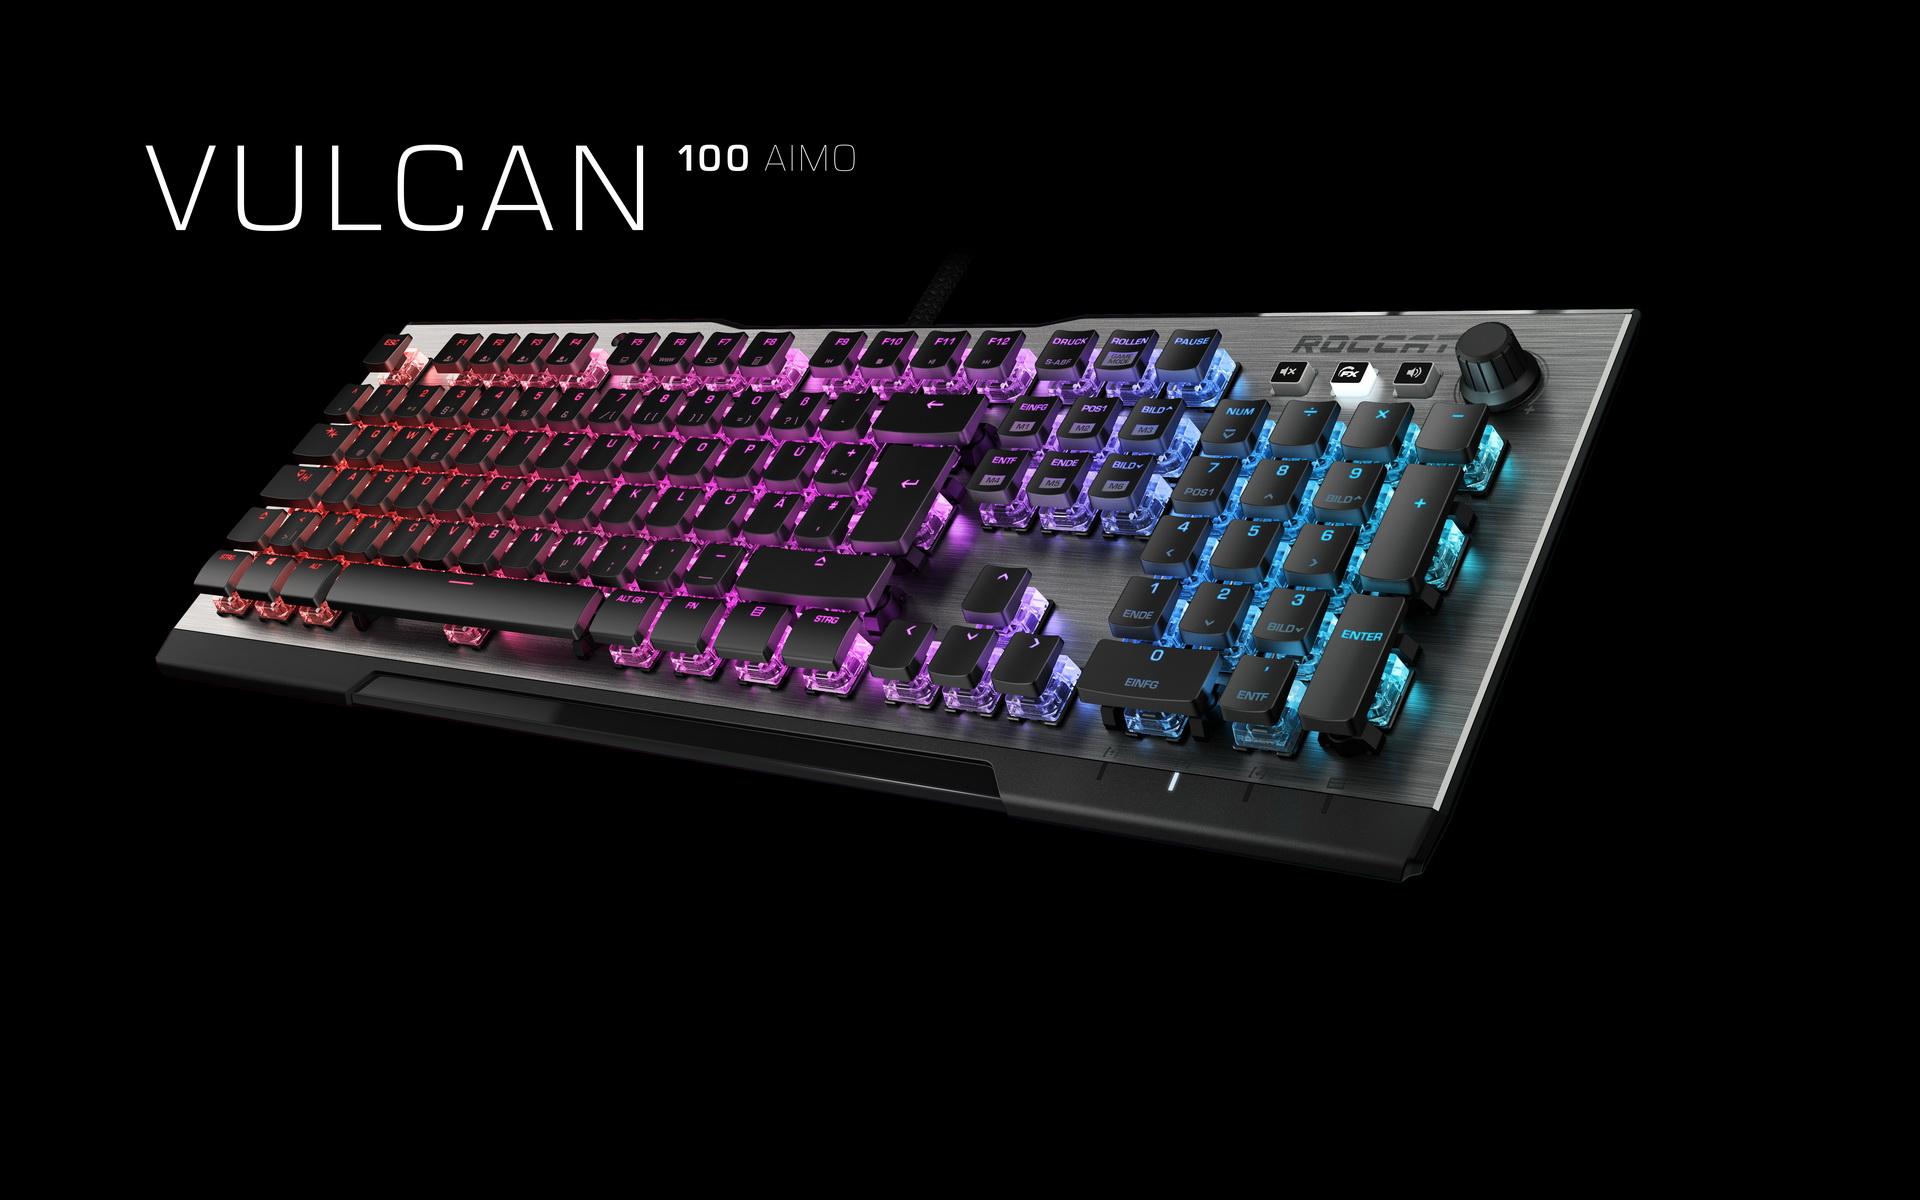 roccat vulcan schlanke und stylische gamingtastatur mit